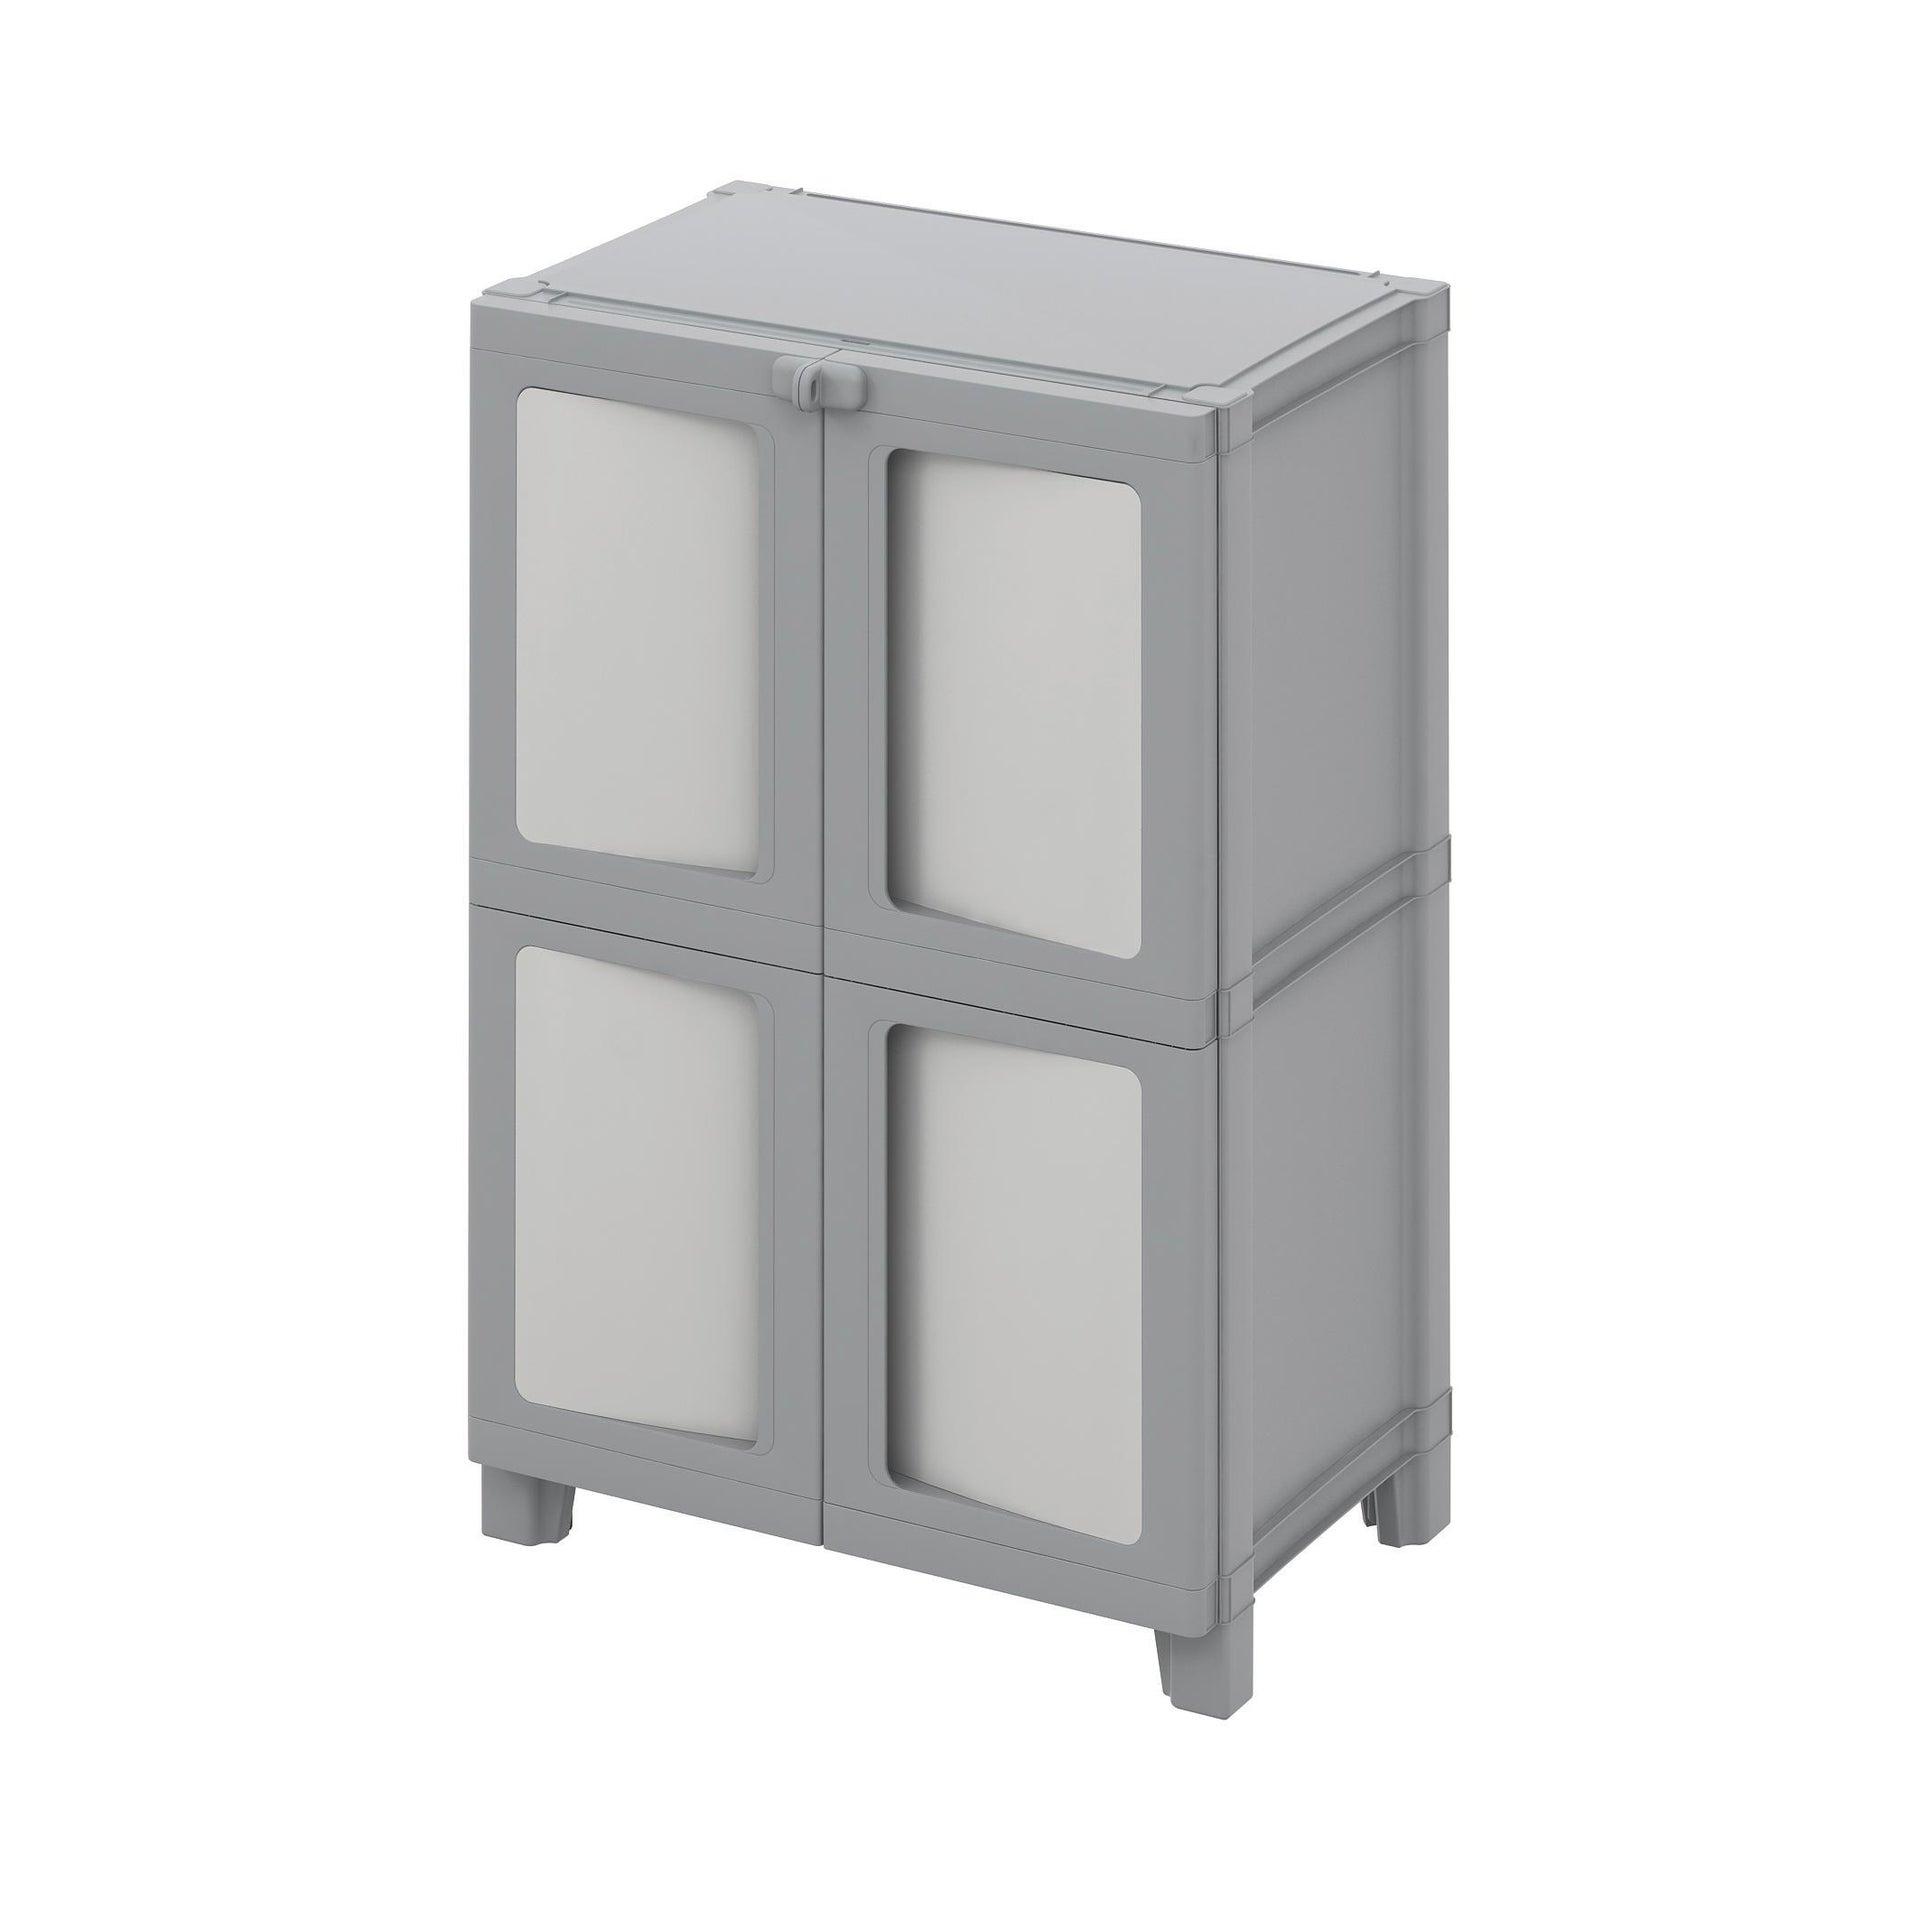 Armadio Modulize L 65 x P 40 x H 95 cm grigio - 1